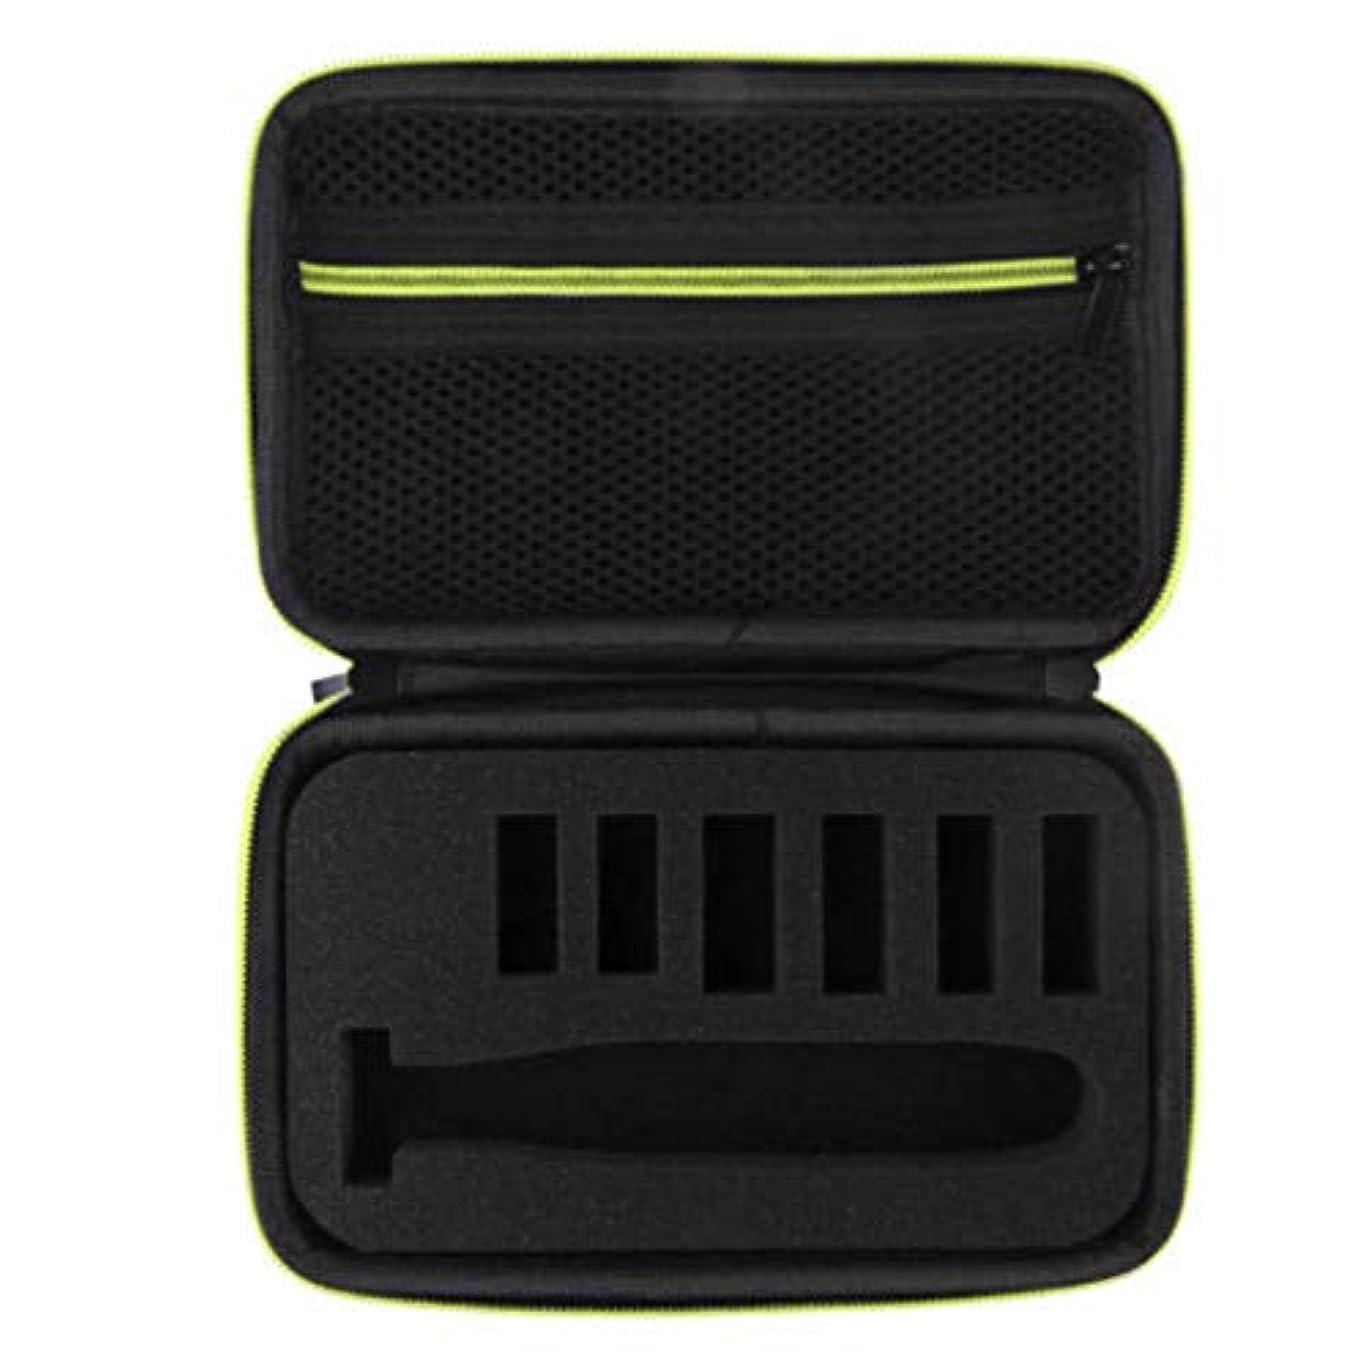 食料品店分サバントupperx 1Xシェーバー収納キャリングケースボックスキャリーバッグ One Blade Pro Razor Ukに適合します